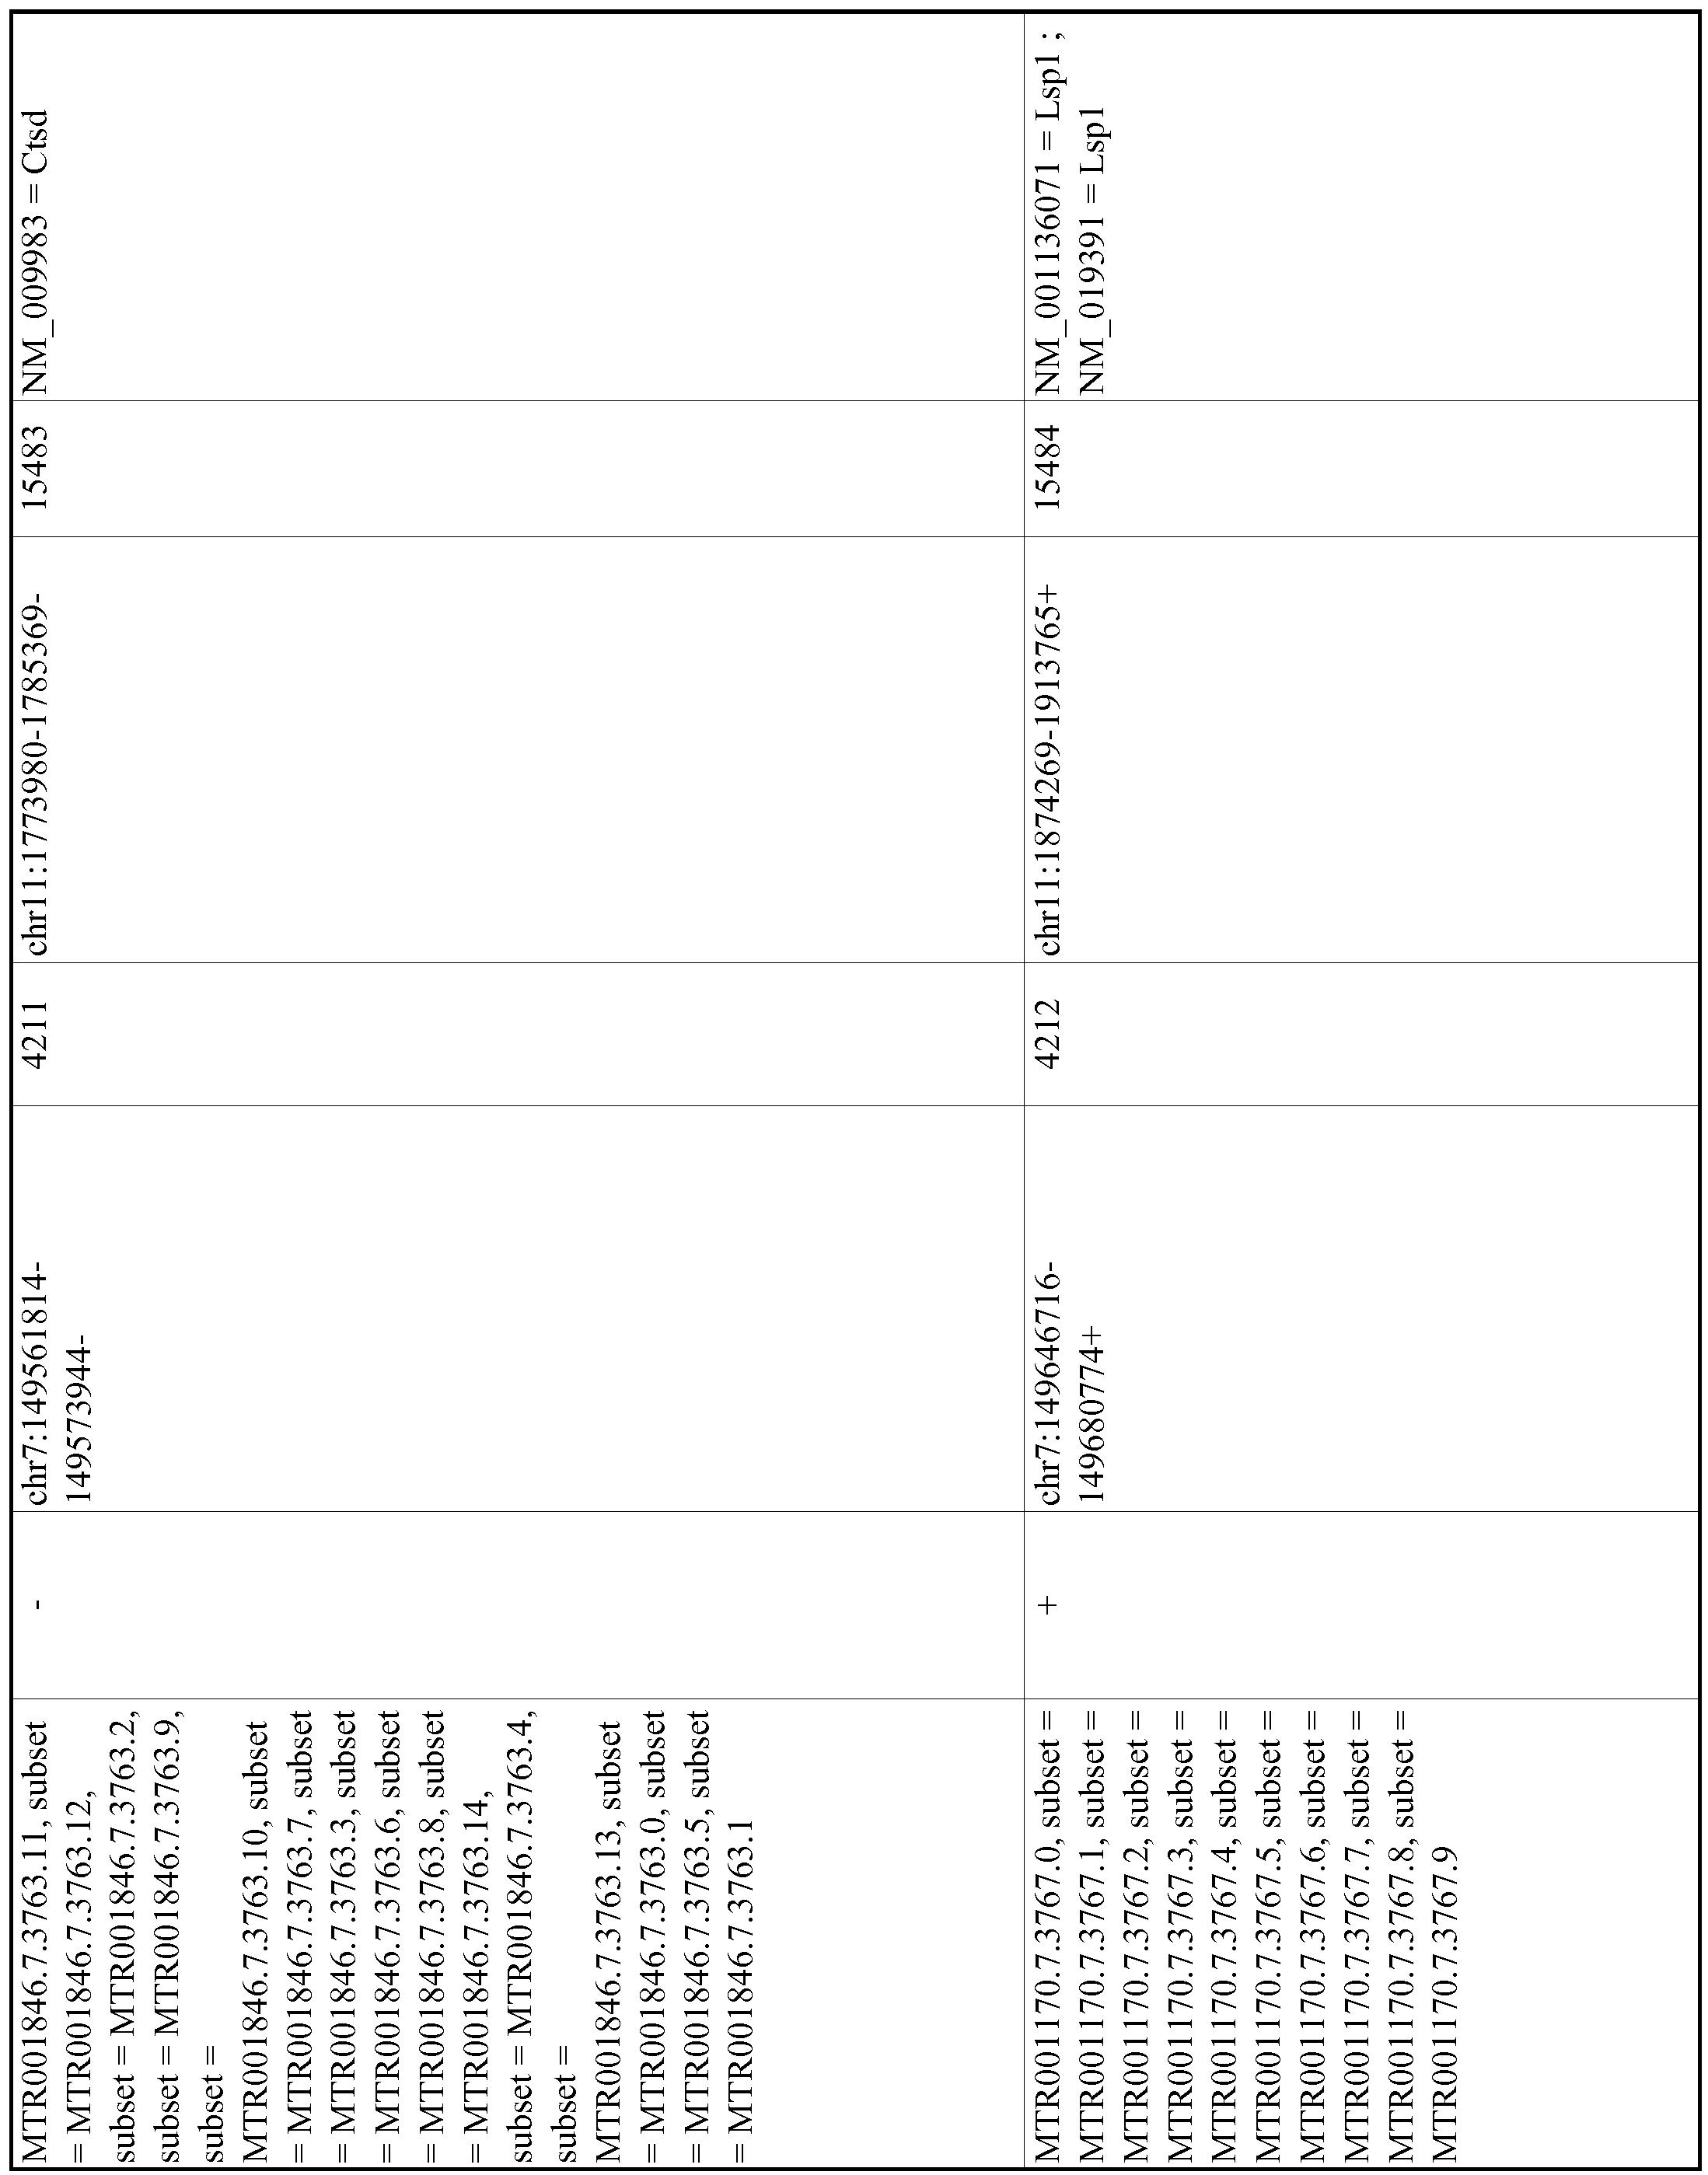 Figure imgf000799_0001